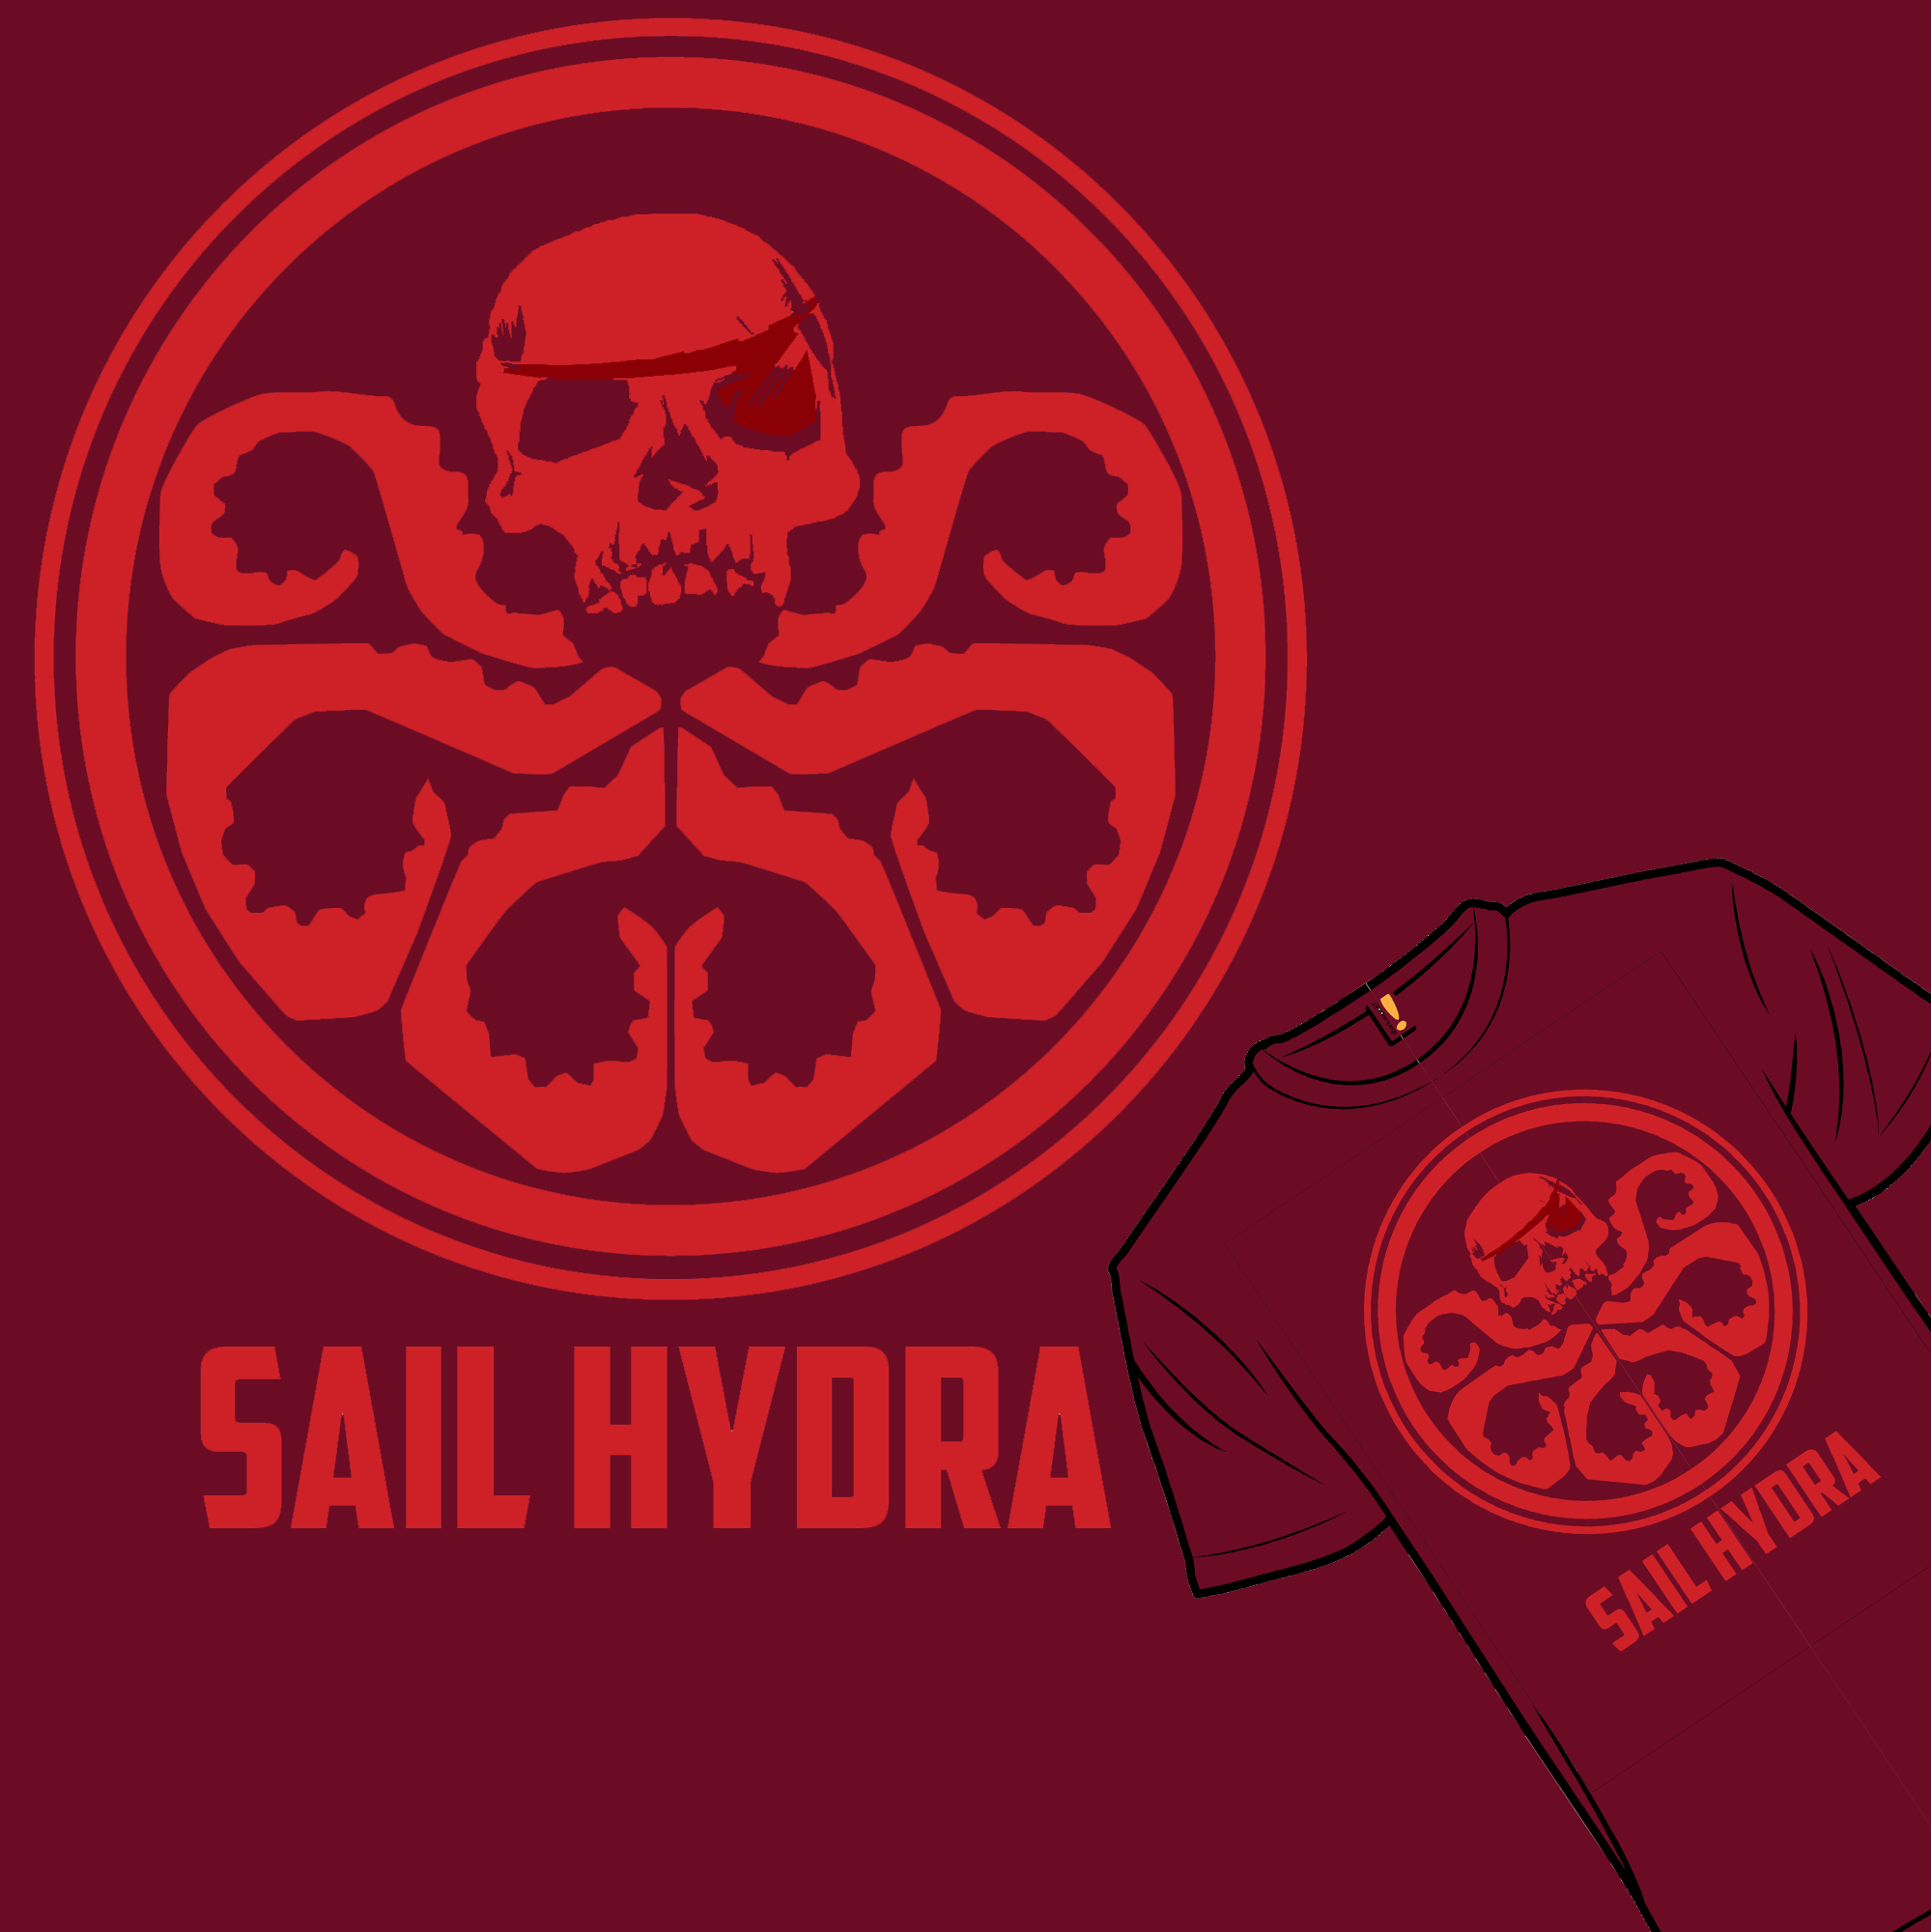 SAIL HYDRA!